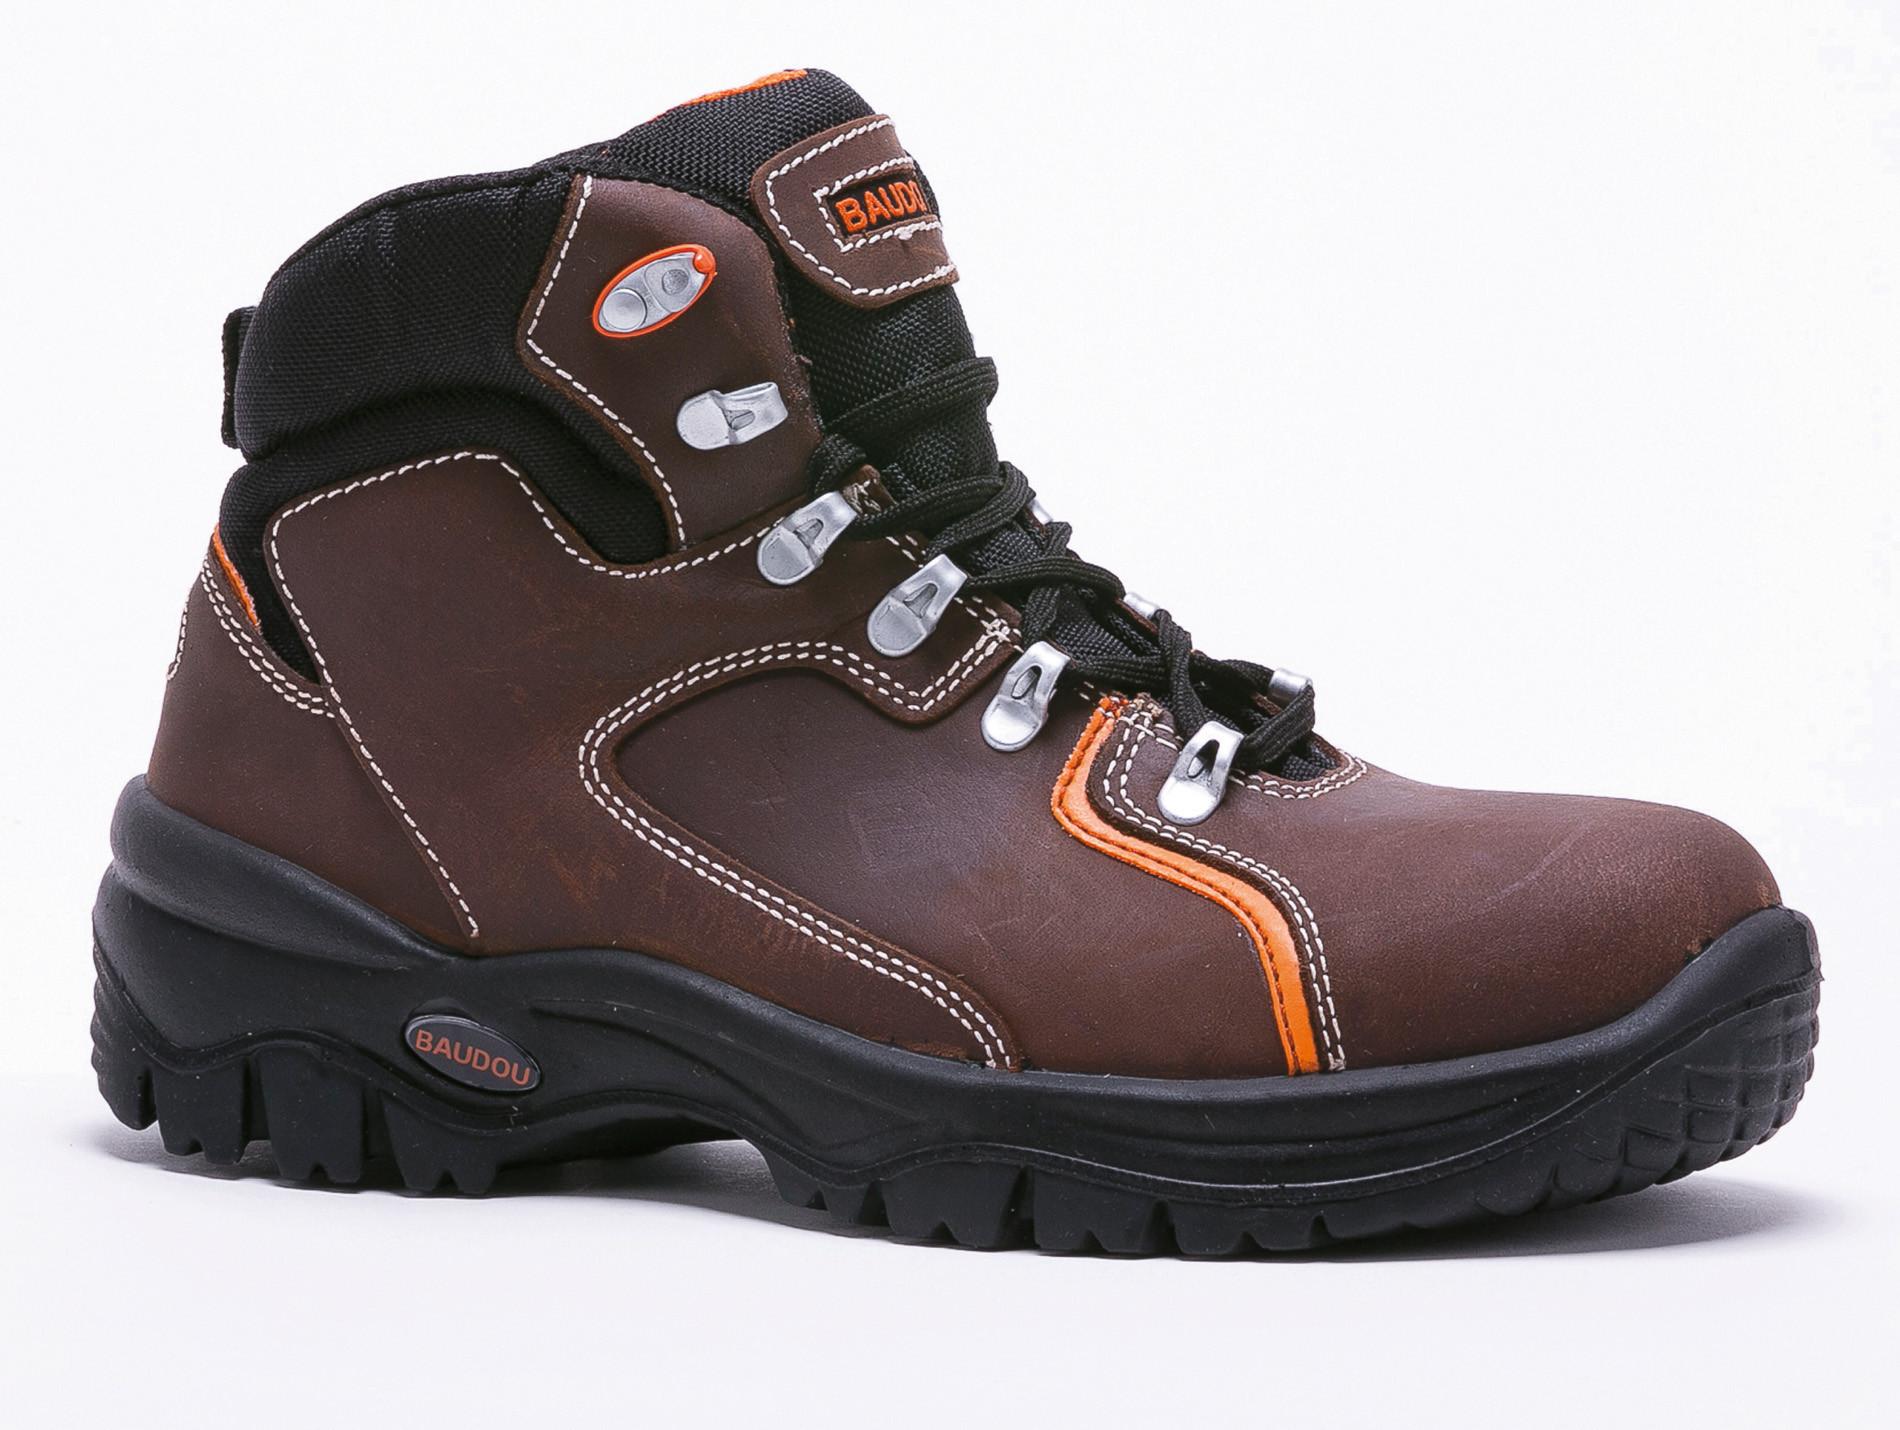 Chaussures de sécurité hautes S3 SRC MERIDA